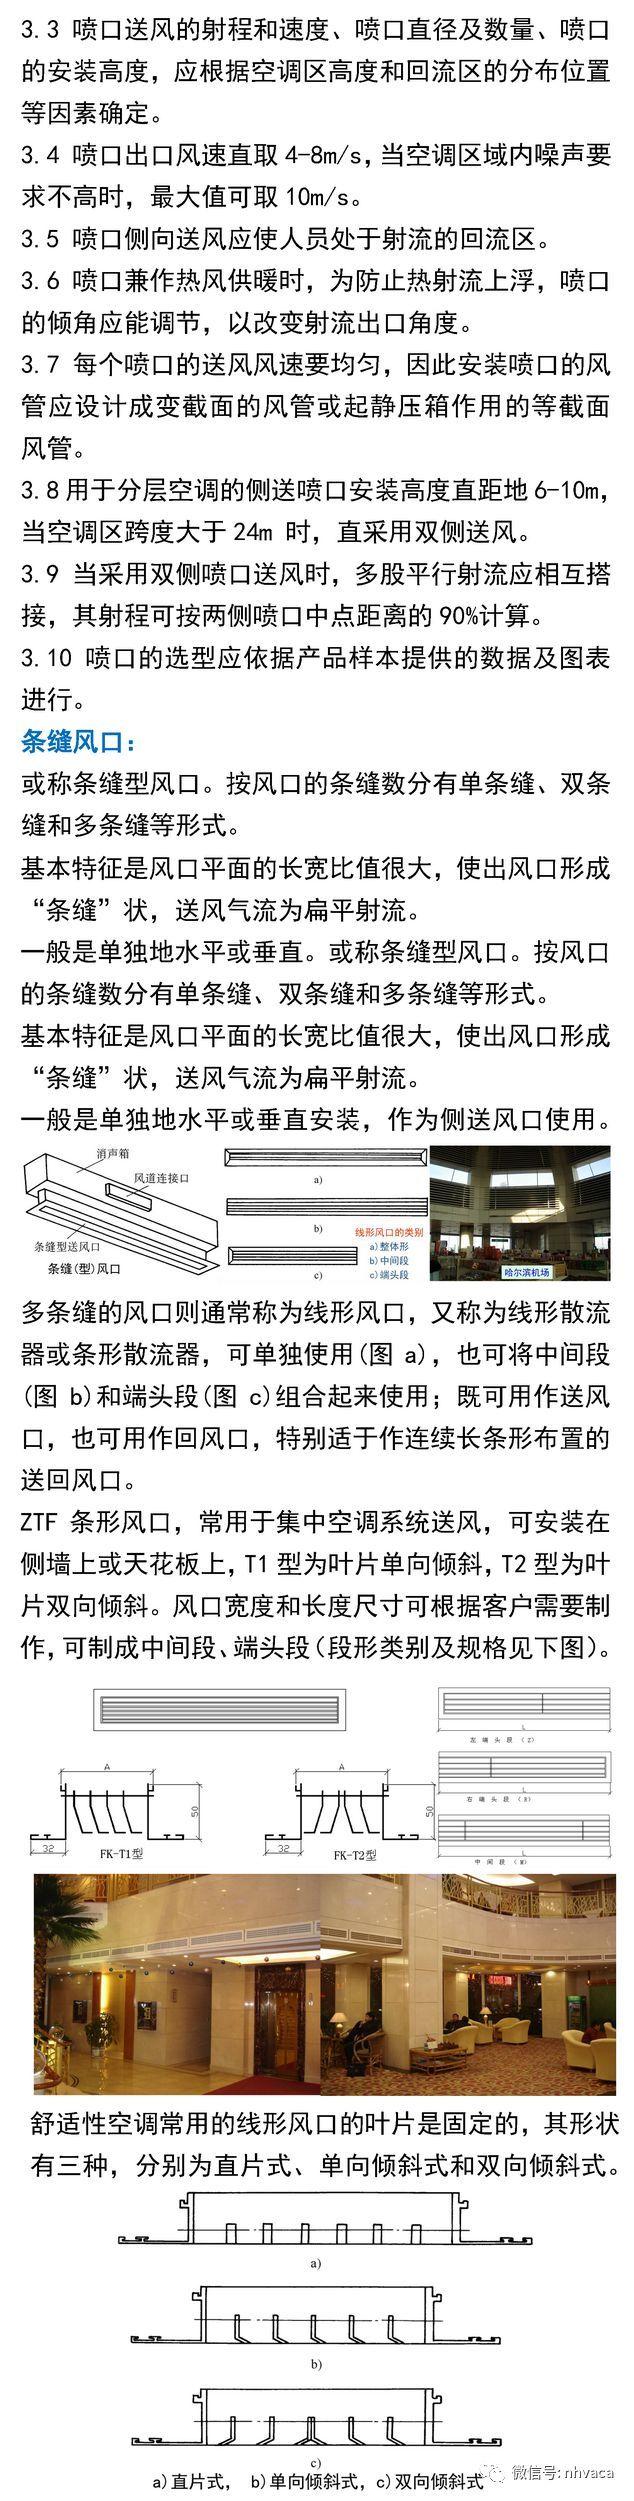 风口散流器与气流组织综合应用手册_7